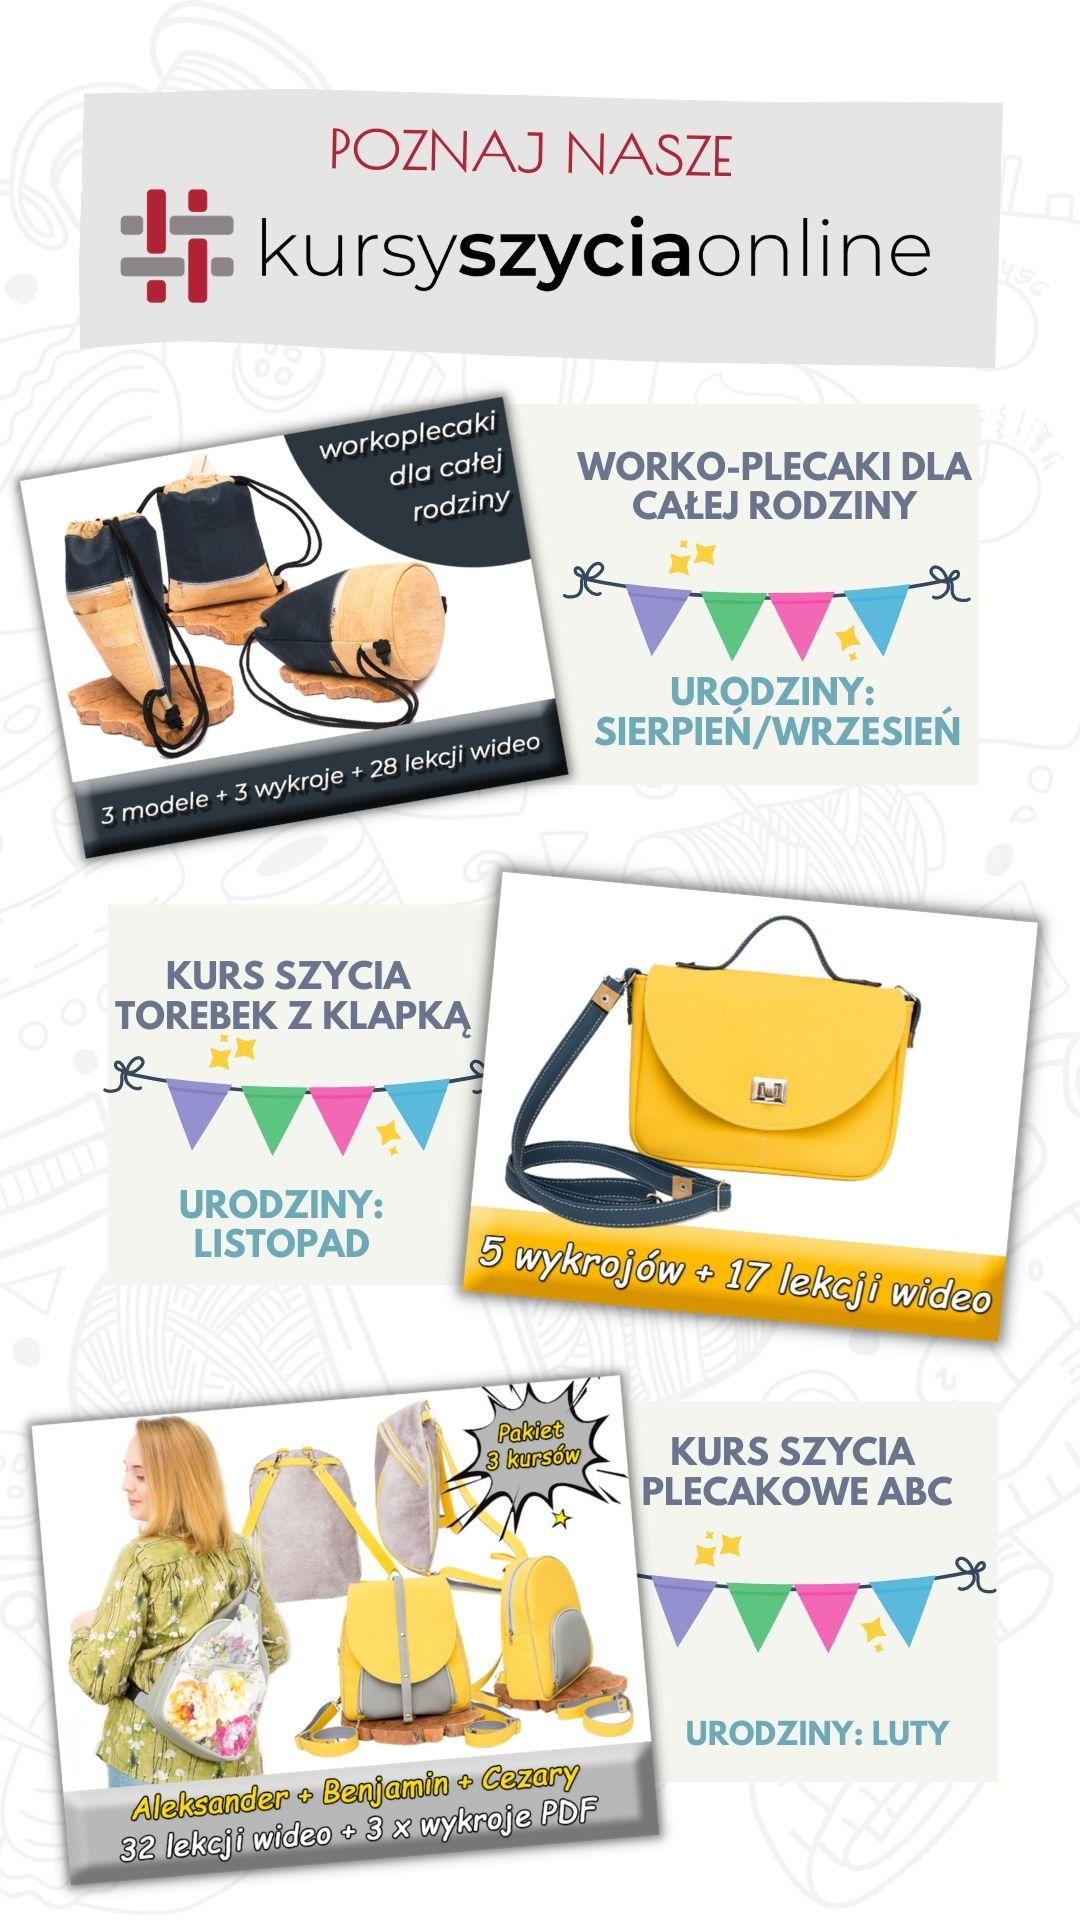 kursy szycia online by Kamila Plasun promocja